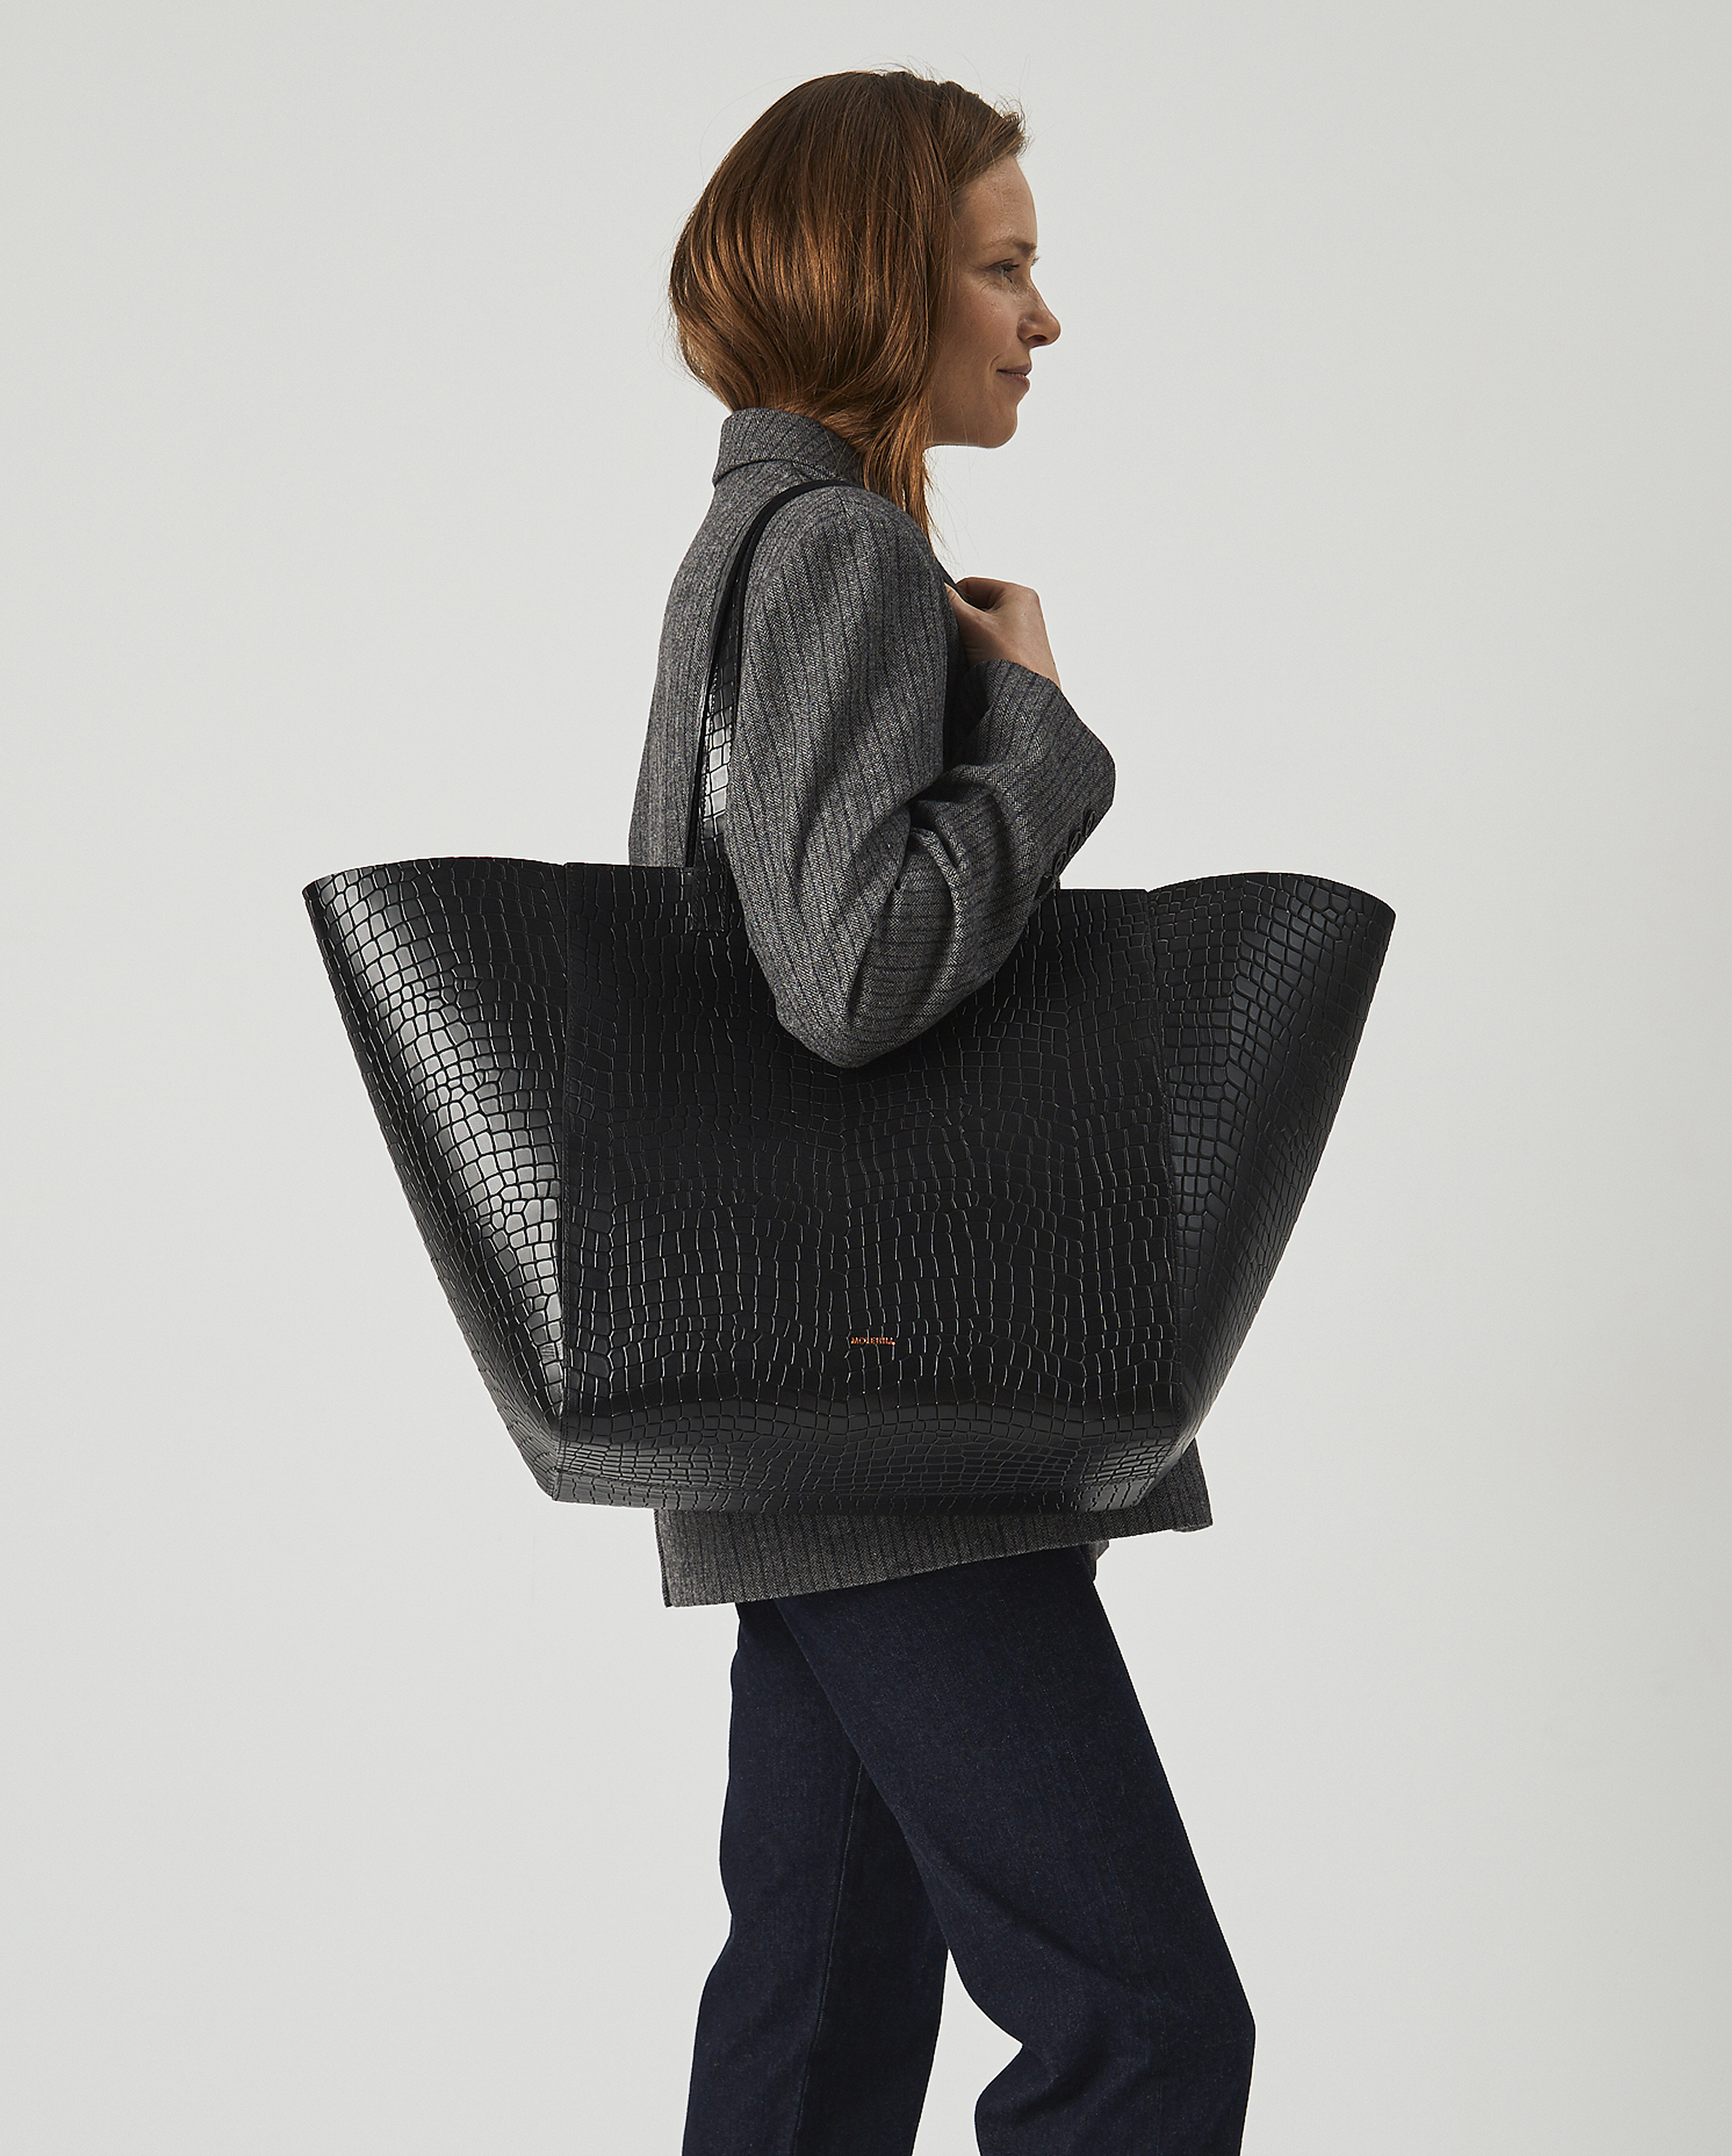 Torba ESTE Large Zip Weekender Bag Croco Black 5